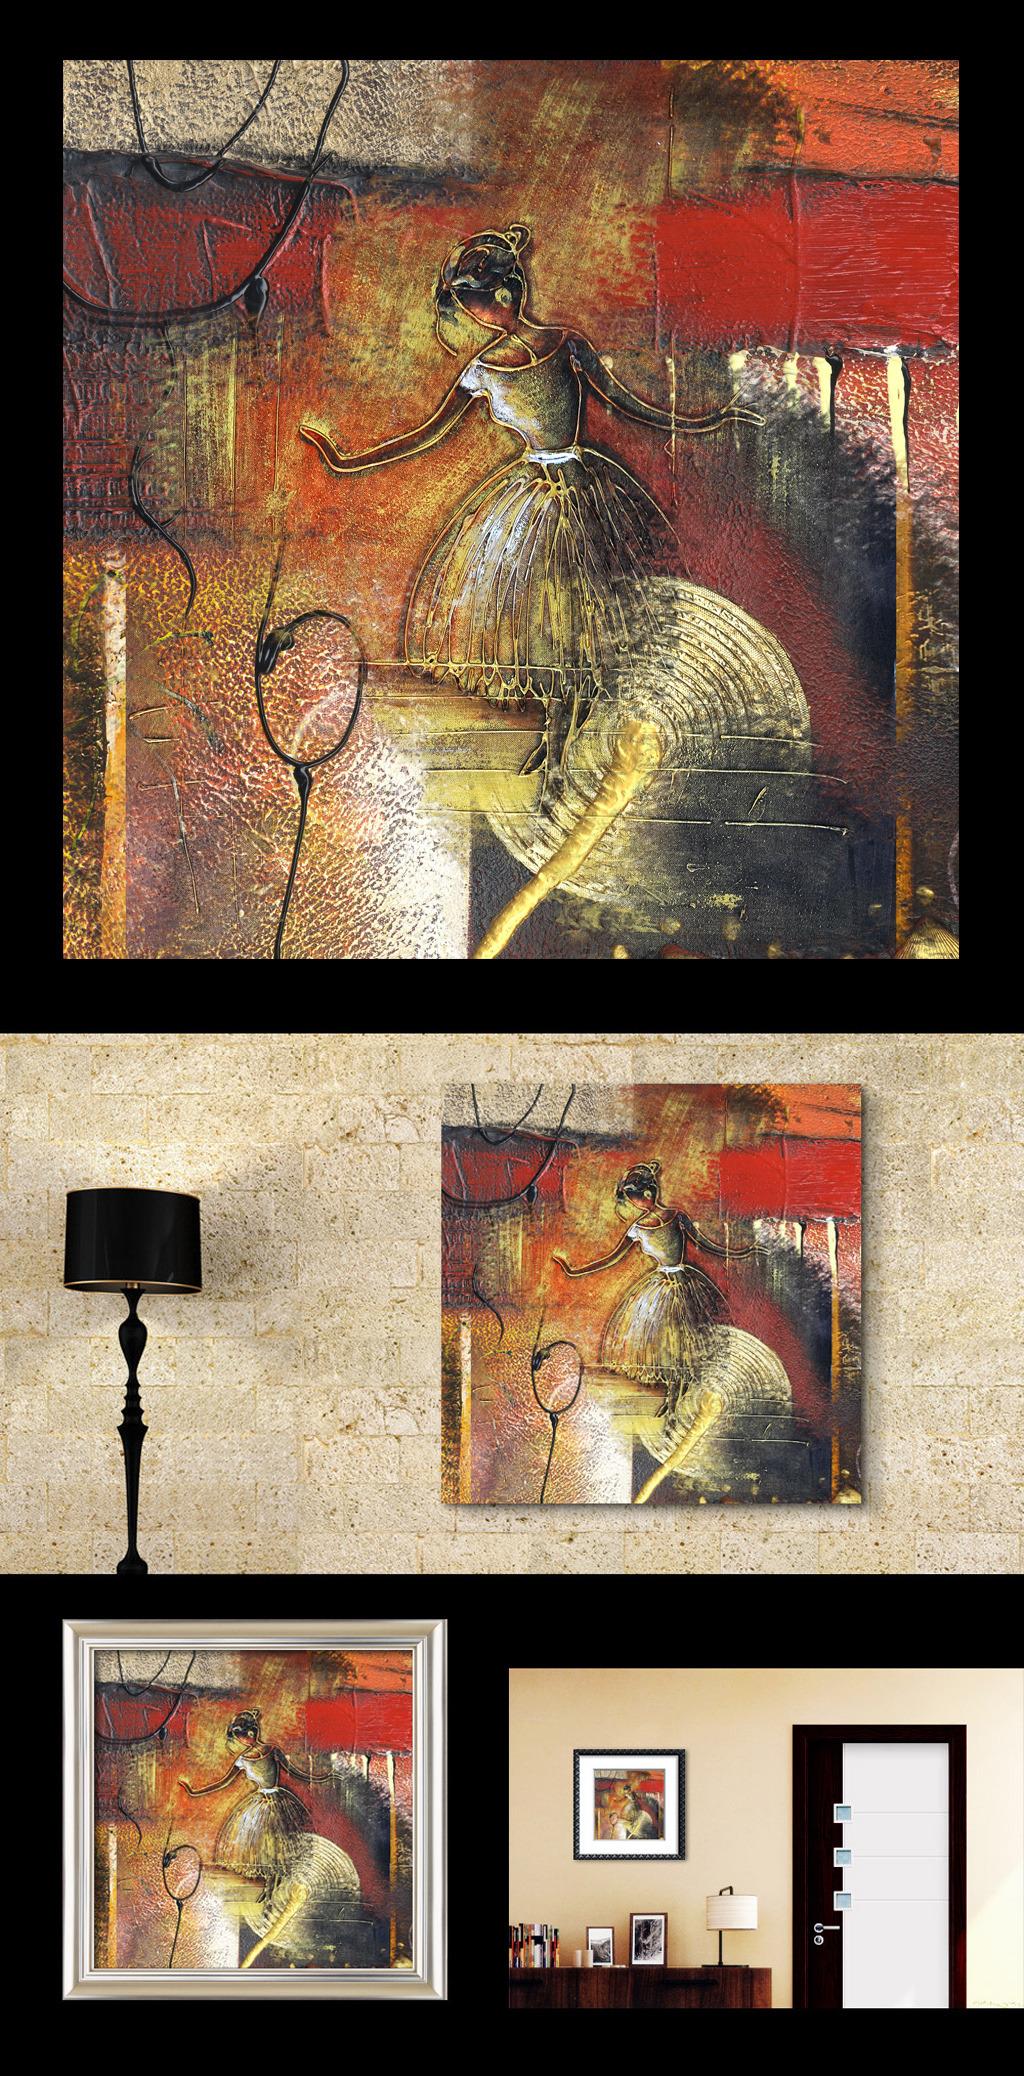 高清手绘复古抽象印象派欧美油画装饰画